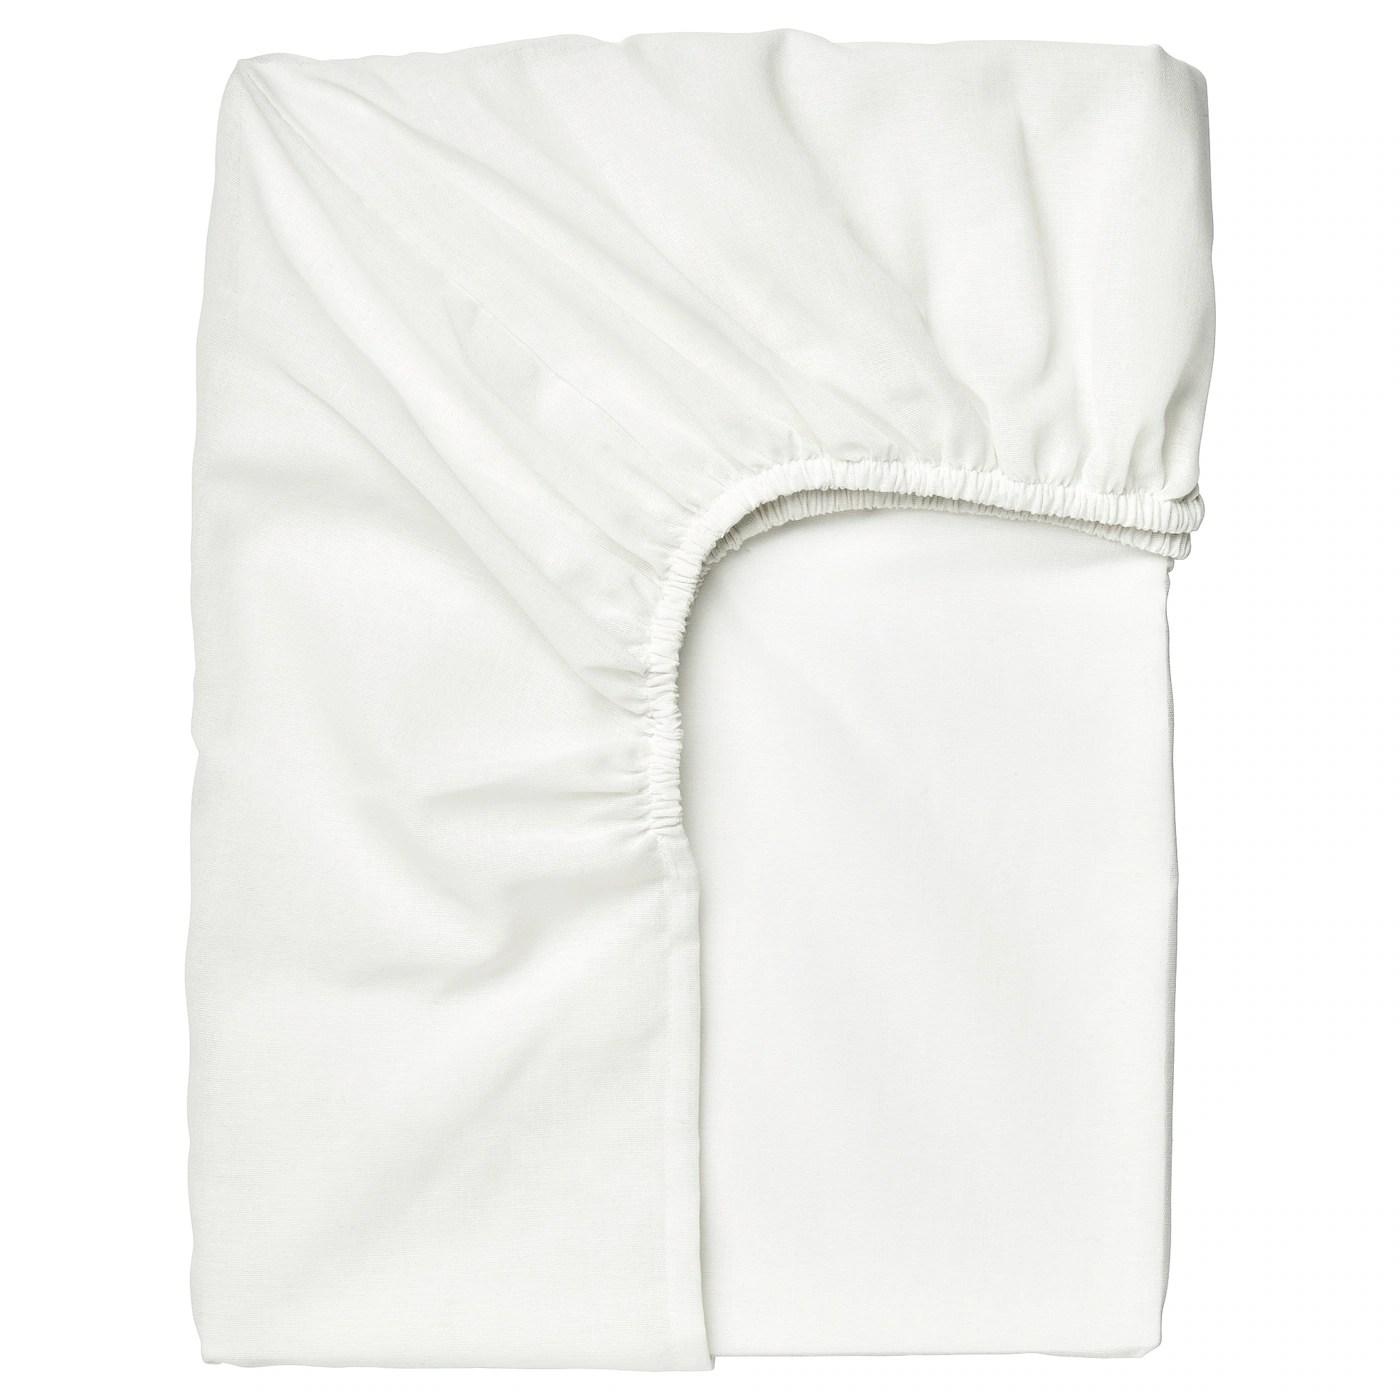 taggvallmo drap housse blanc 90x200 cm